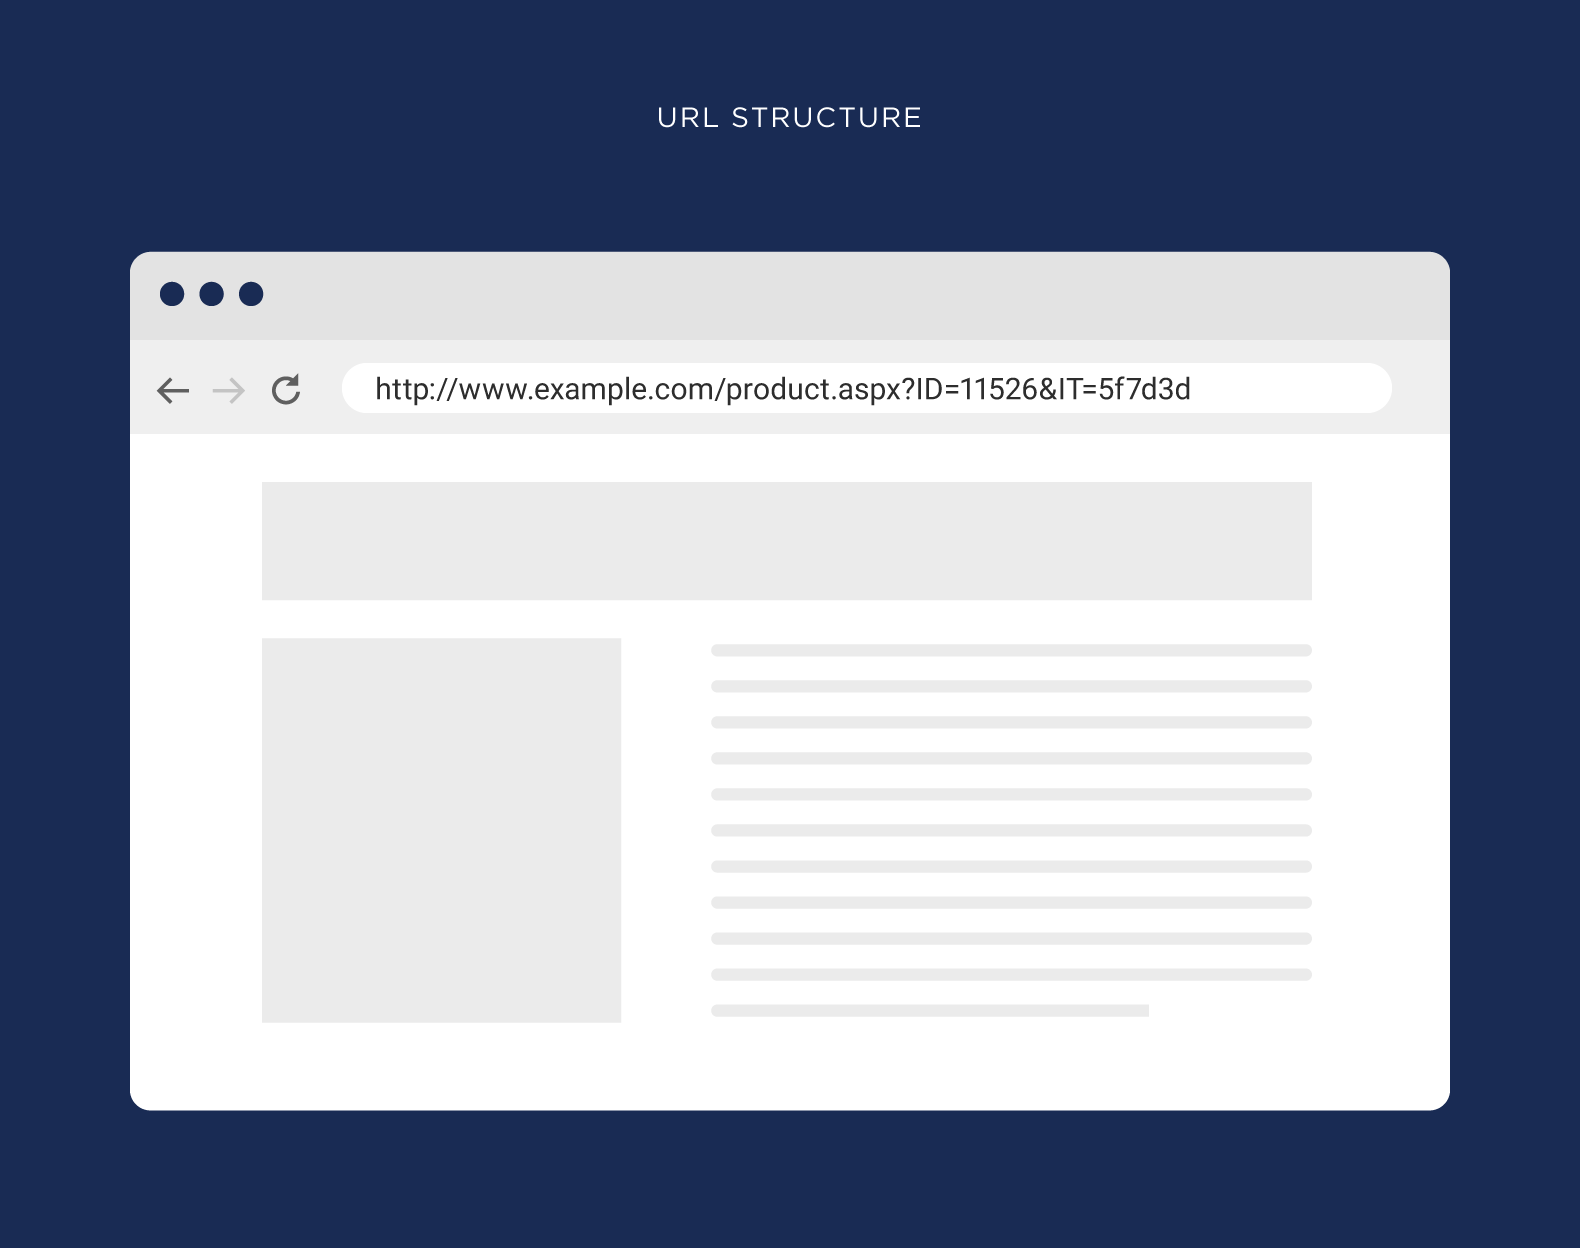 URL structure